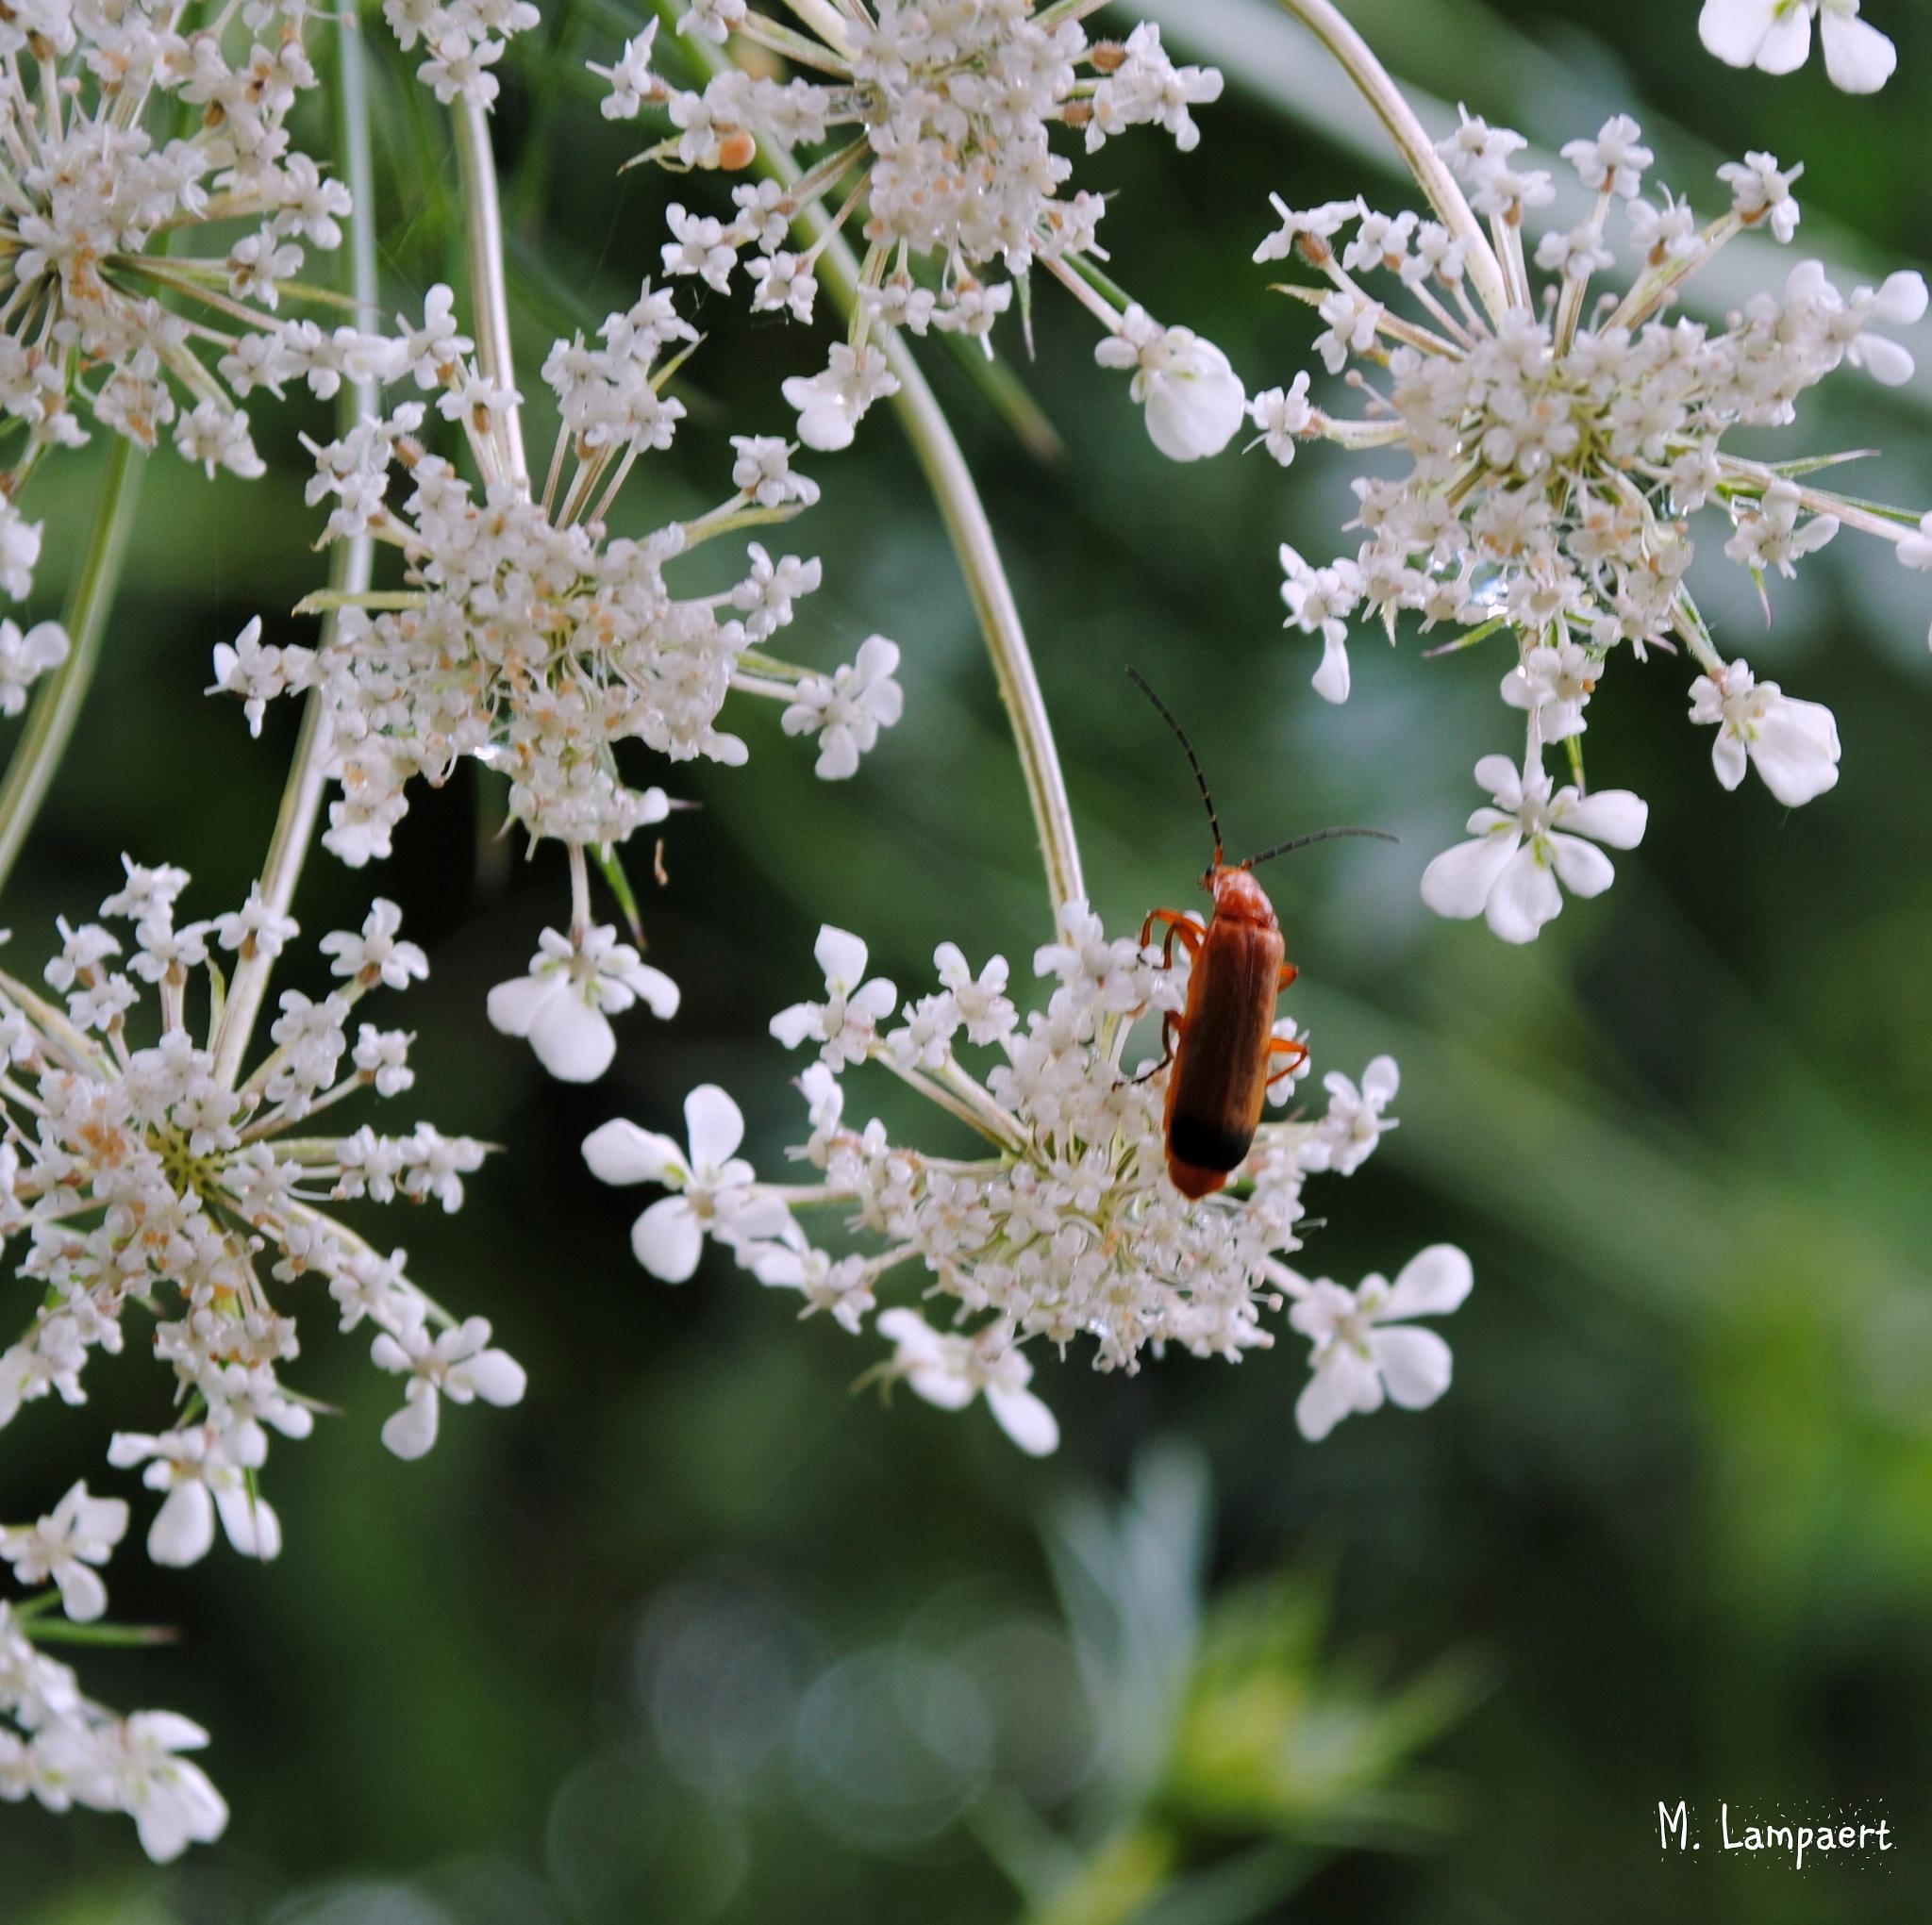 Kleine rode weekschildkever - common red soldier beetle - Rhagonycha fulva by MaudL